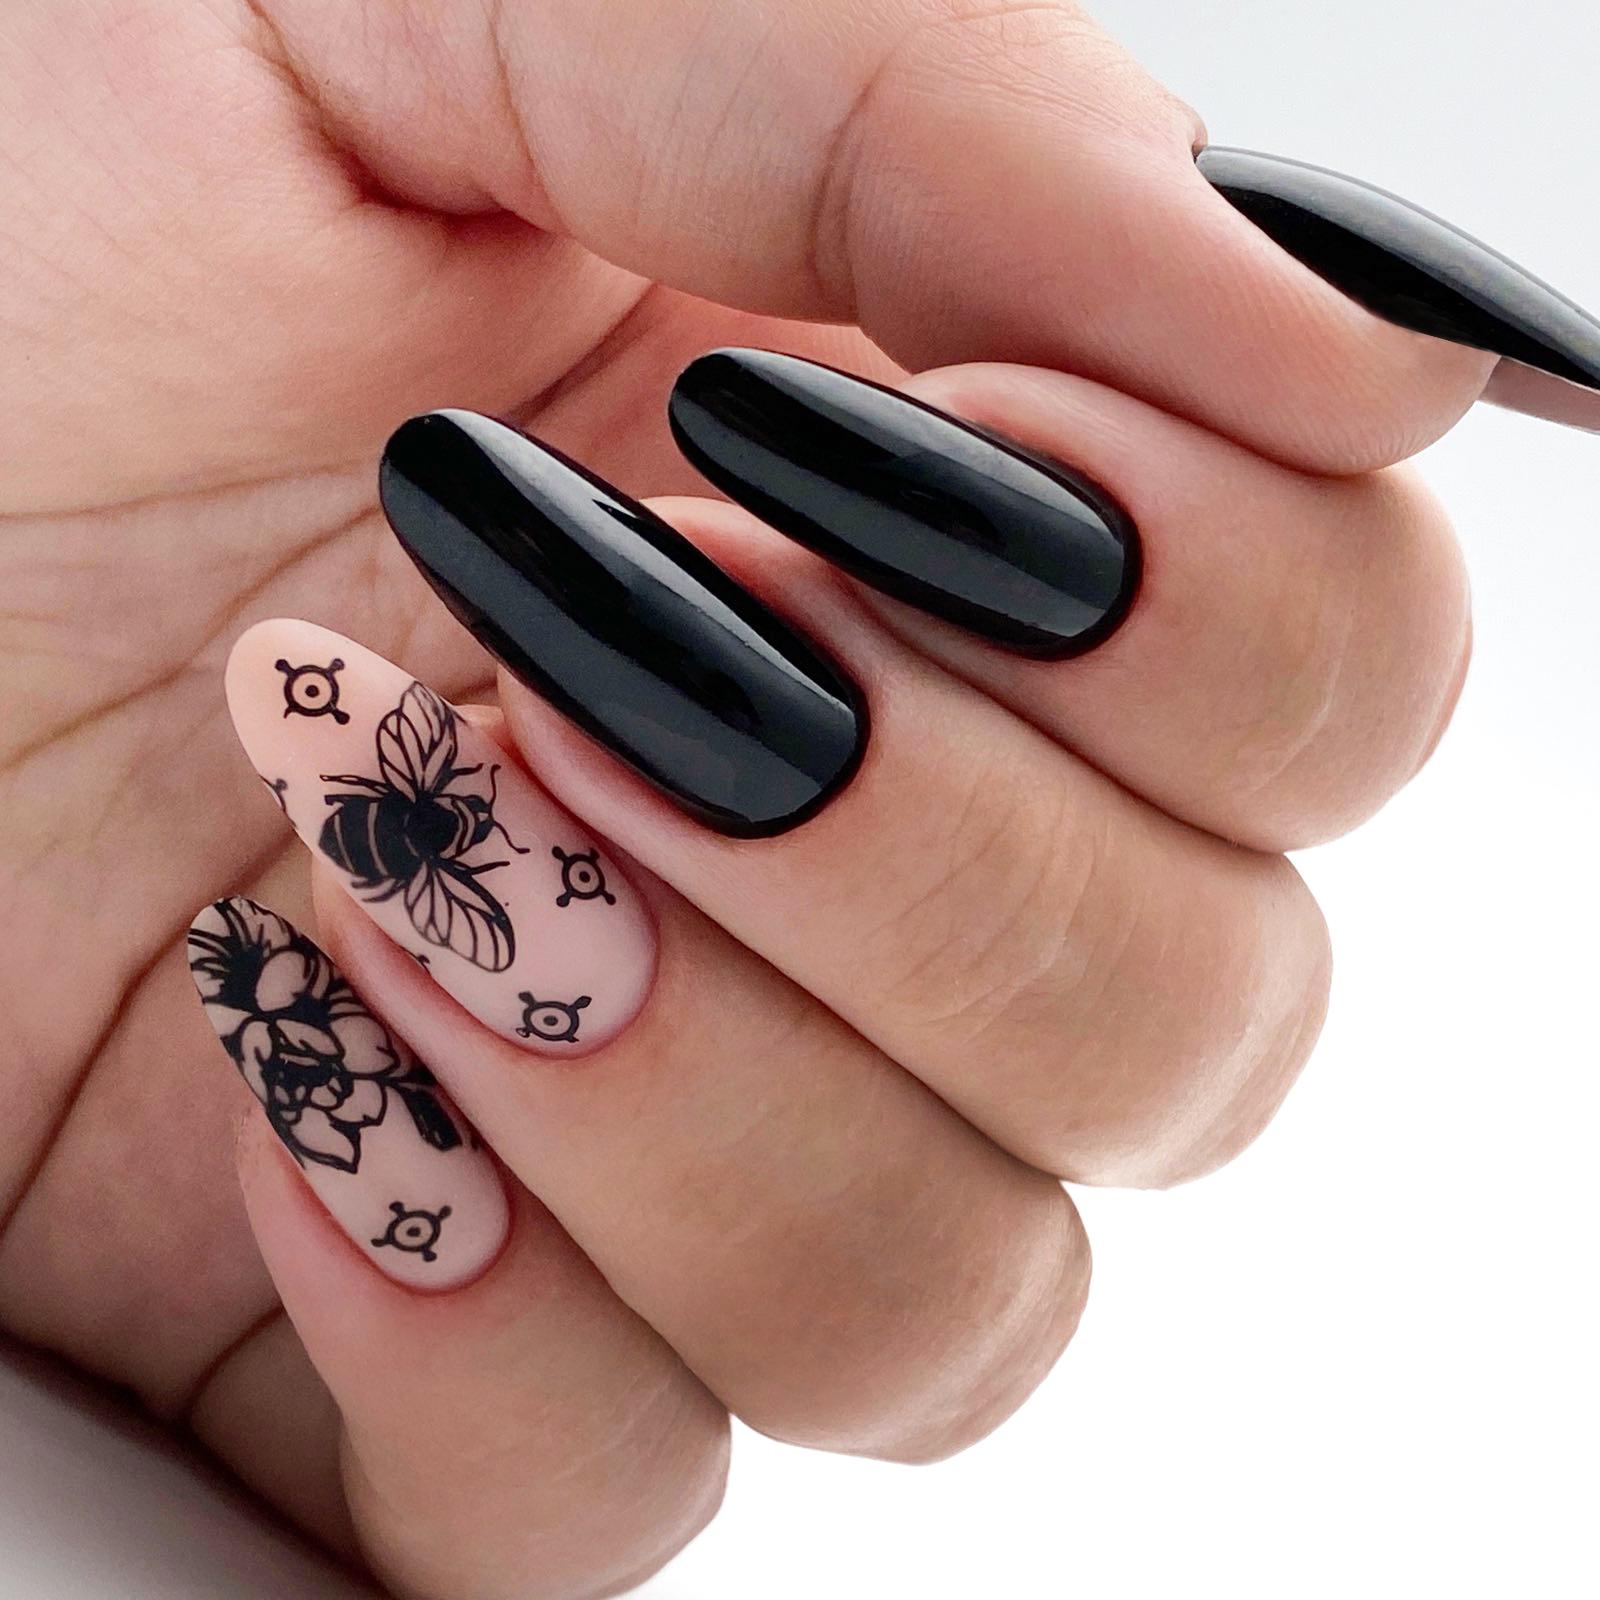 Стемпинг для ногтей: что это такое и как им правильно пользоваться?